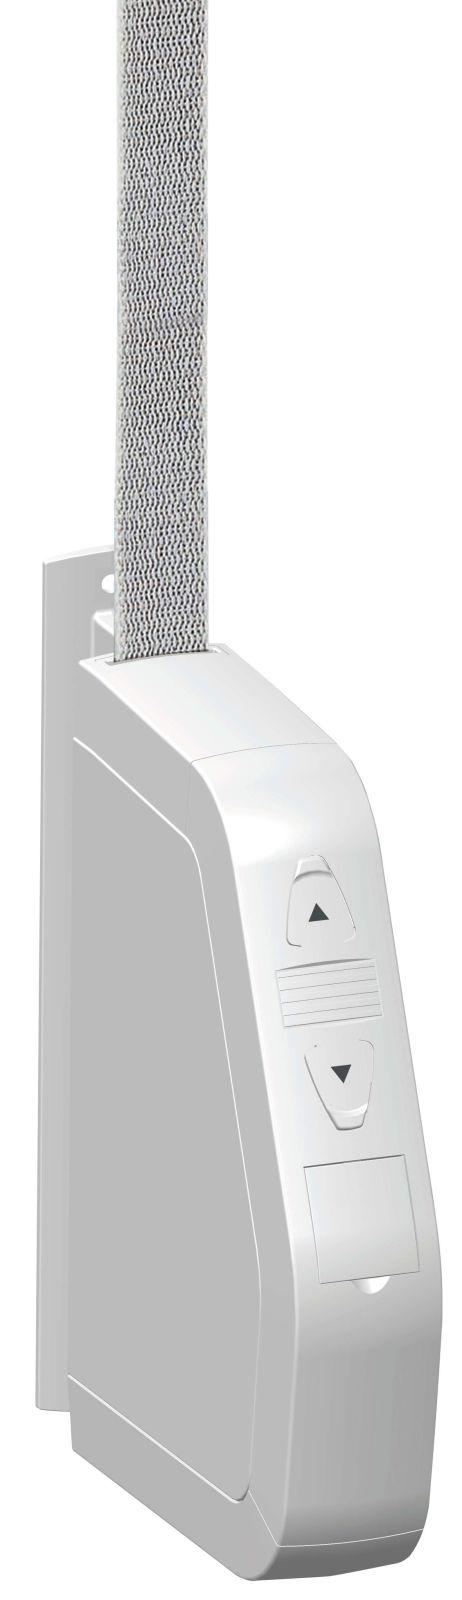 Superrollo Schwenkwickler GW185 | elektrischer Gurtwickler, Mini-Gurte (15 mm Breite), Aufputz